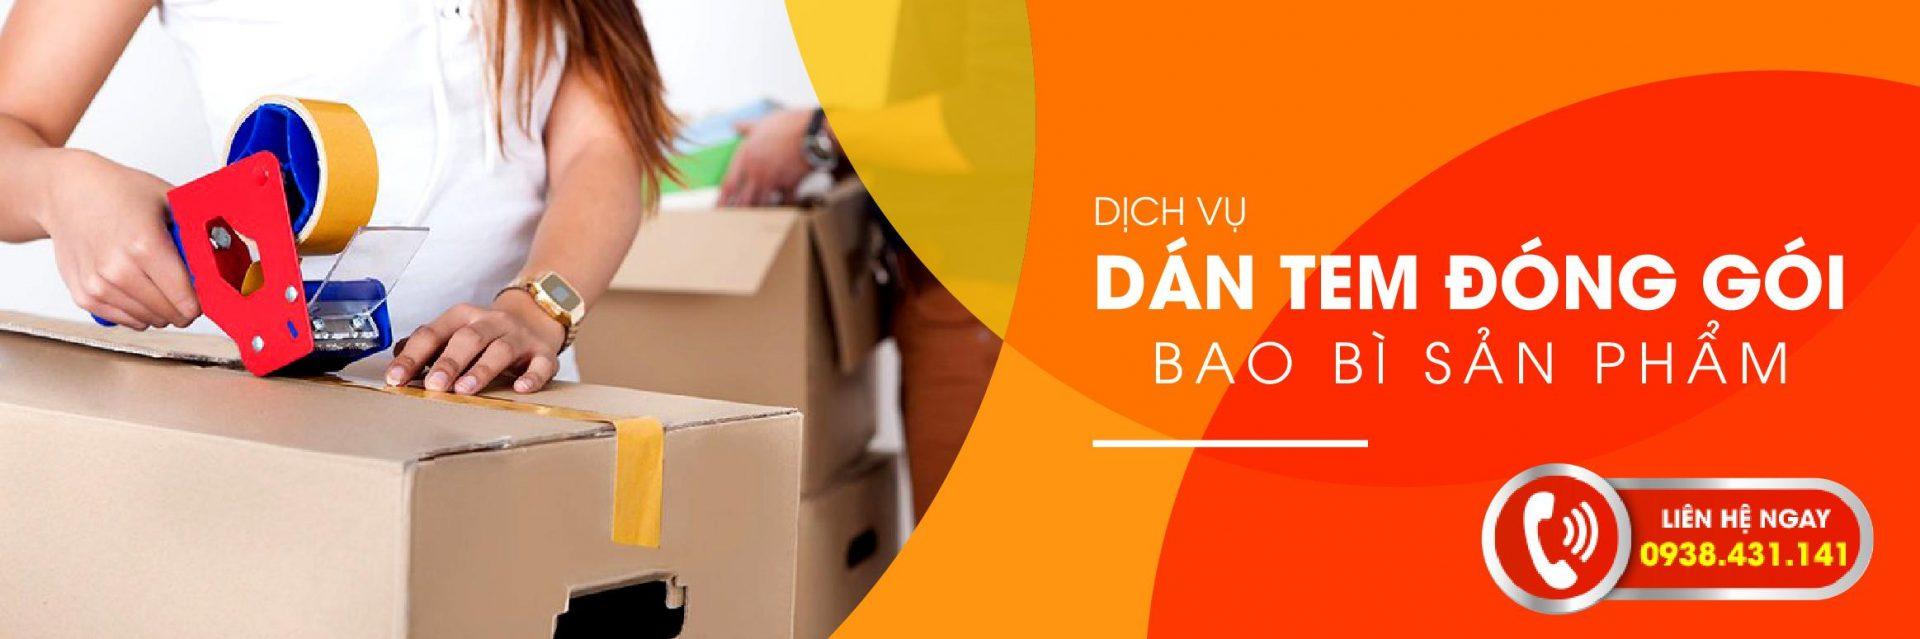 Dịch vụ dán tem đóng gói bao bì sản phẩm